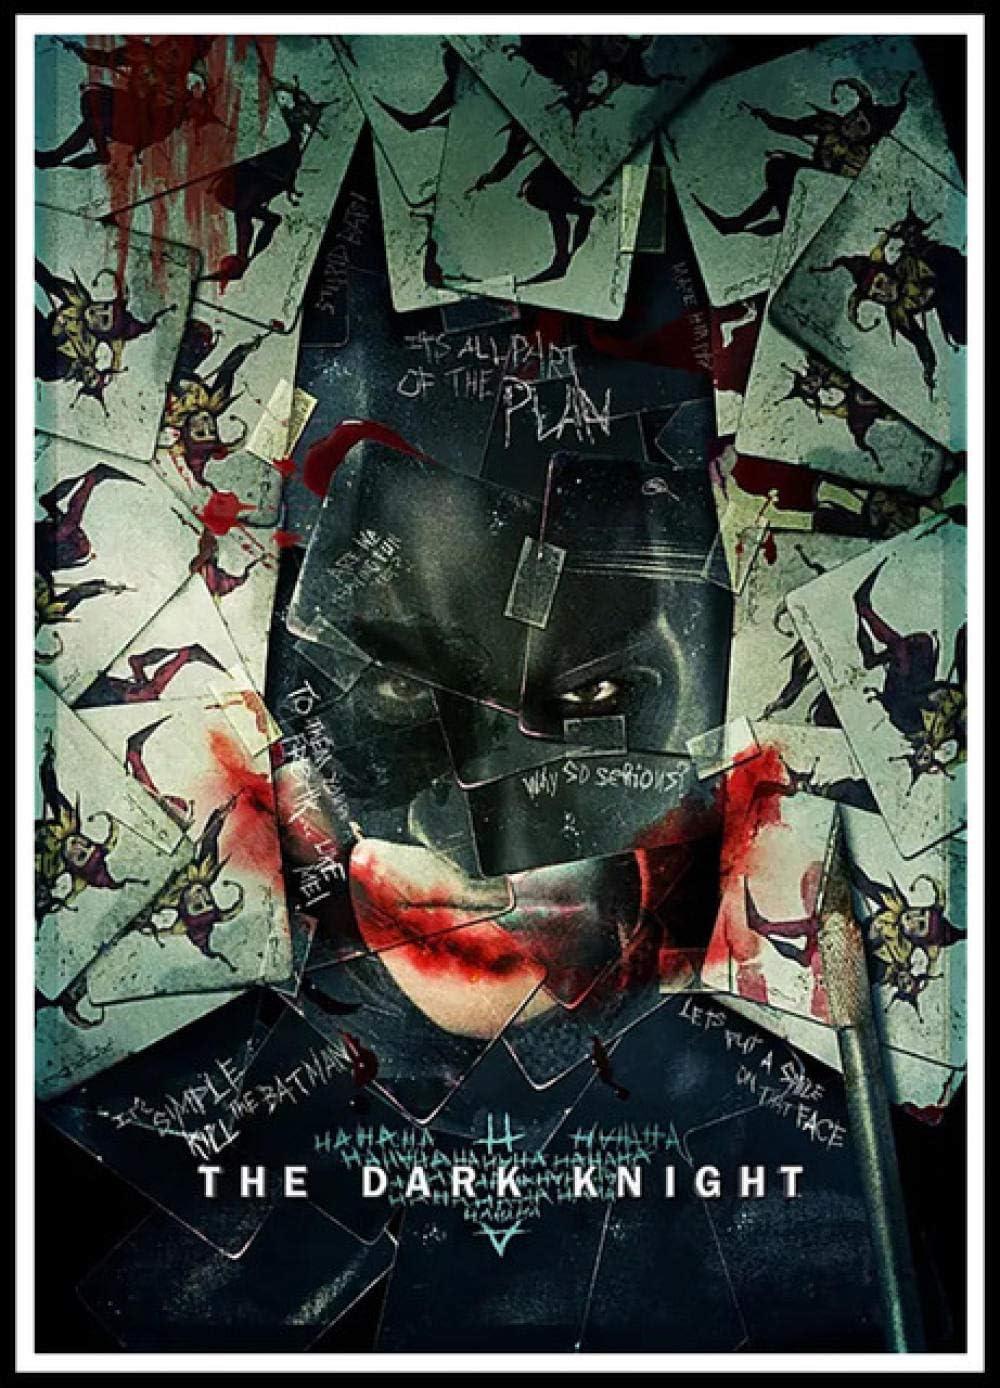 WOMGD® Rompecabezas de Batman The Dark Knight Rompecabezas, Rompecabezas 1000 Piezas, Ensamblaje Inteligencia Desafío Juguetes Decoración del hogar